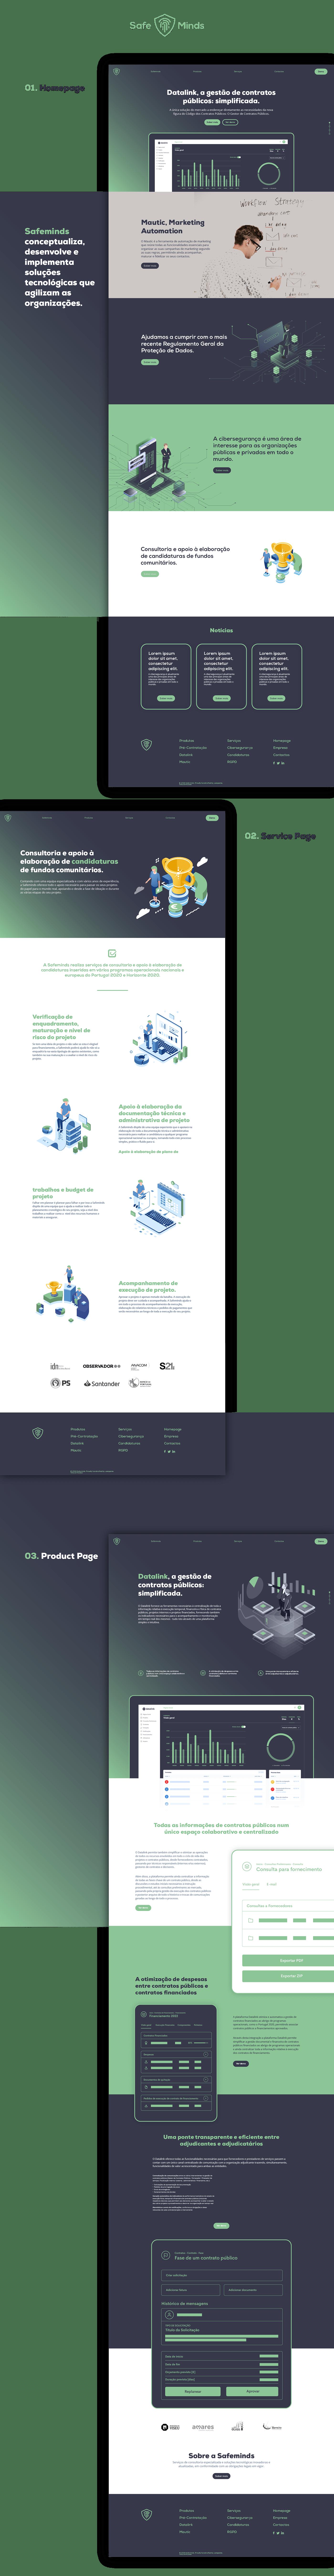 Web Webdesign design safeminds componto codefive site Lisbon Portugal